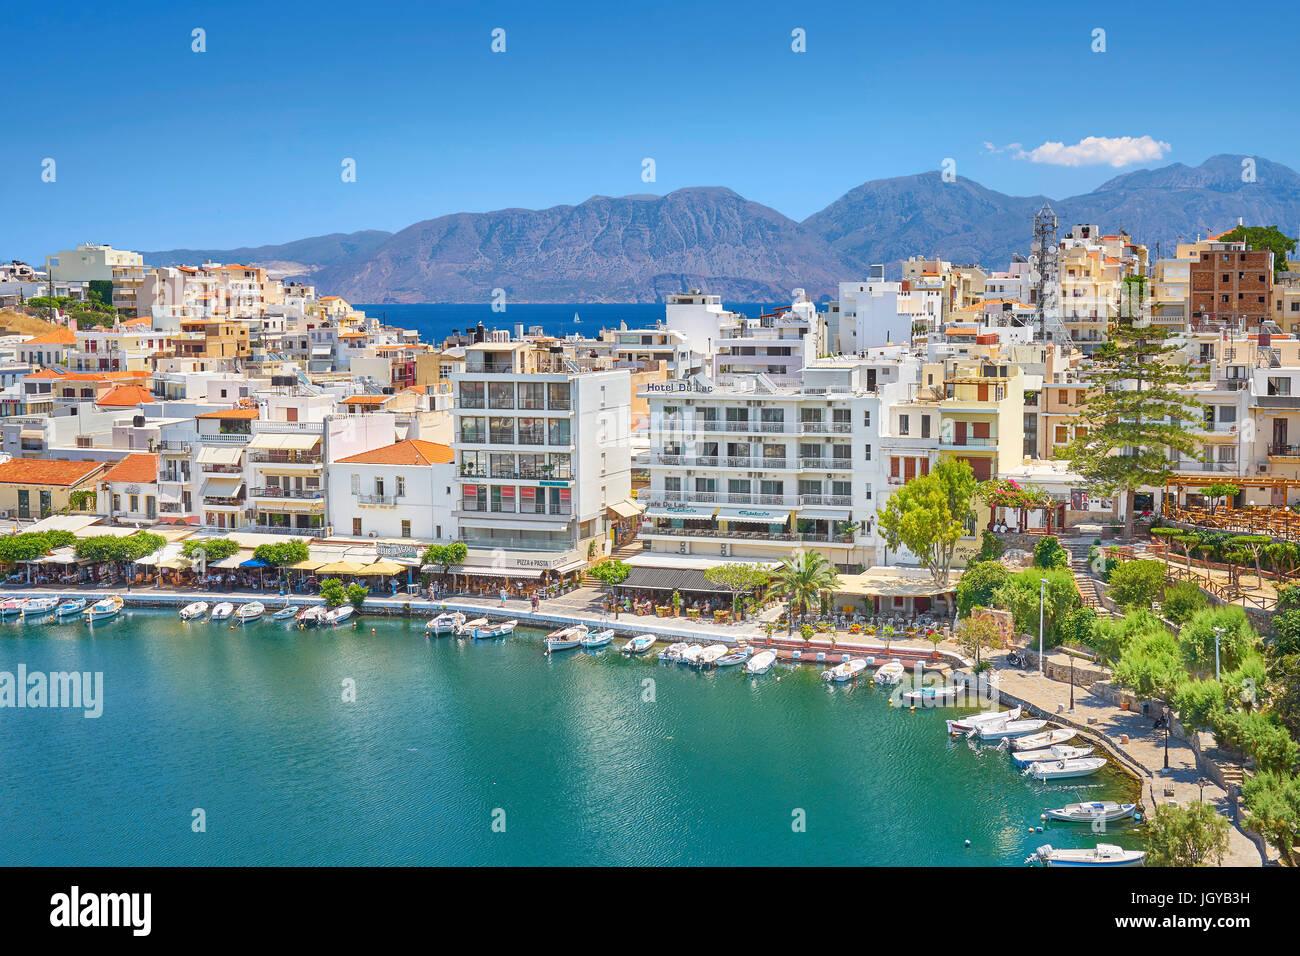 Lake Voulismeni, Agios Nikolaos, Crete Island, Greece - Stock Image